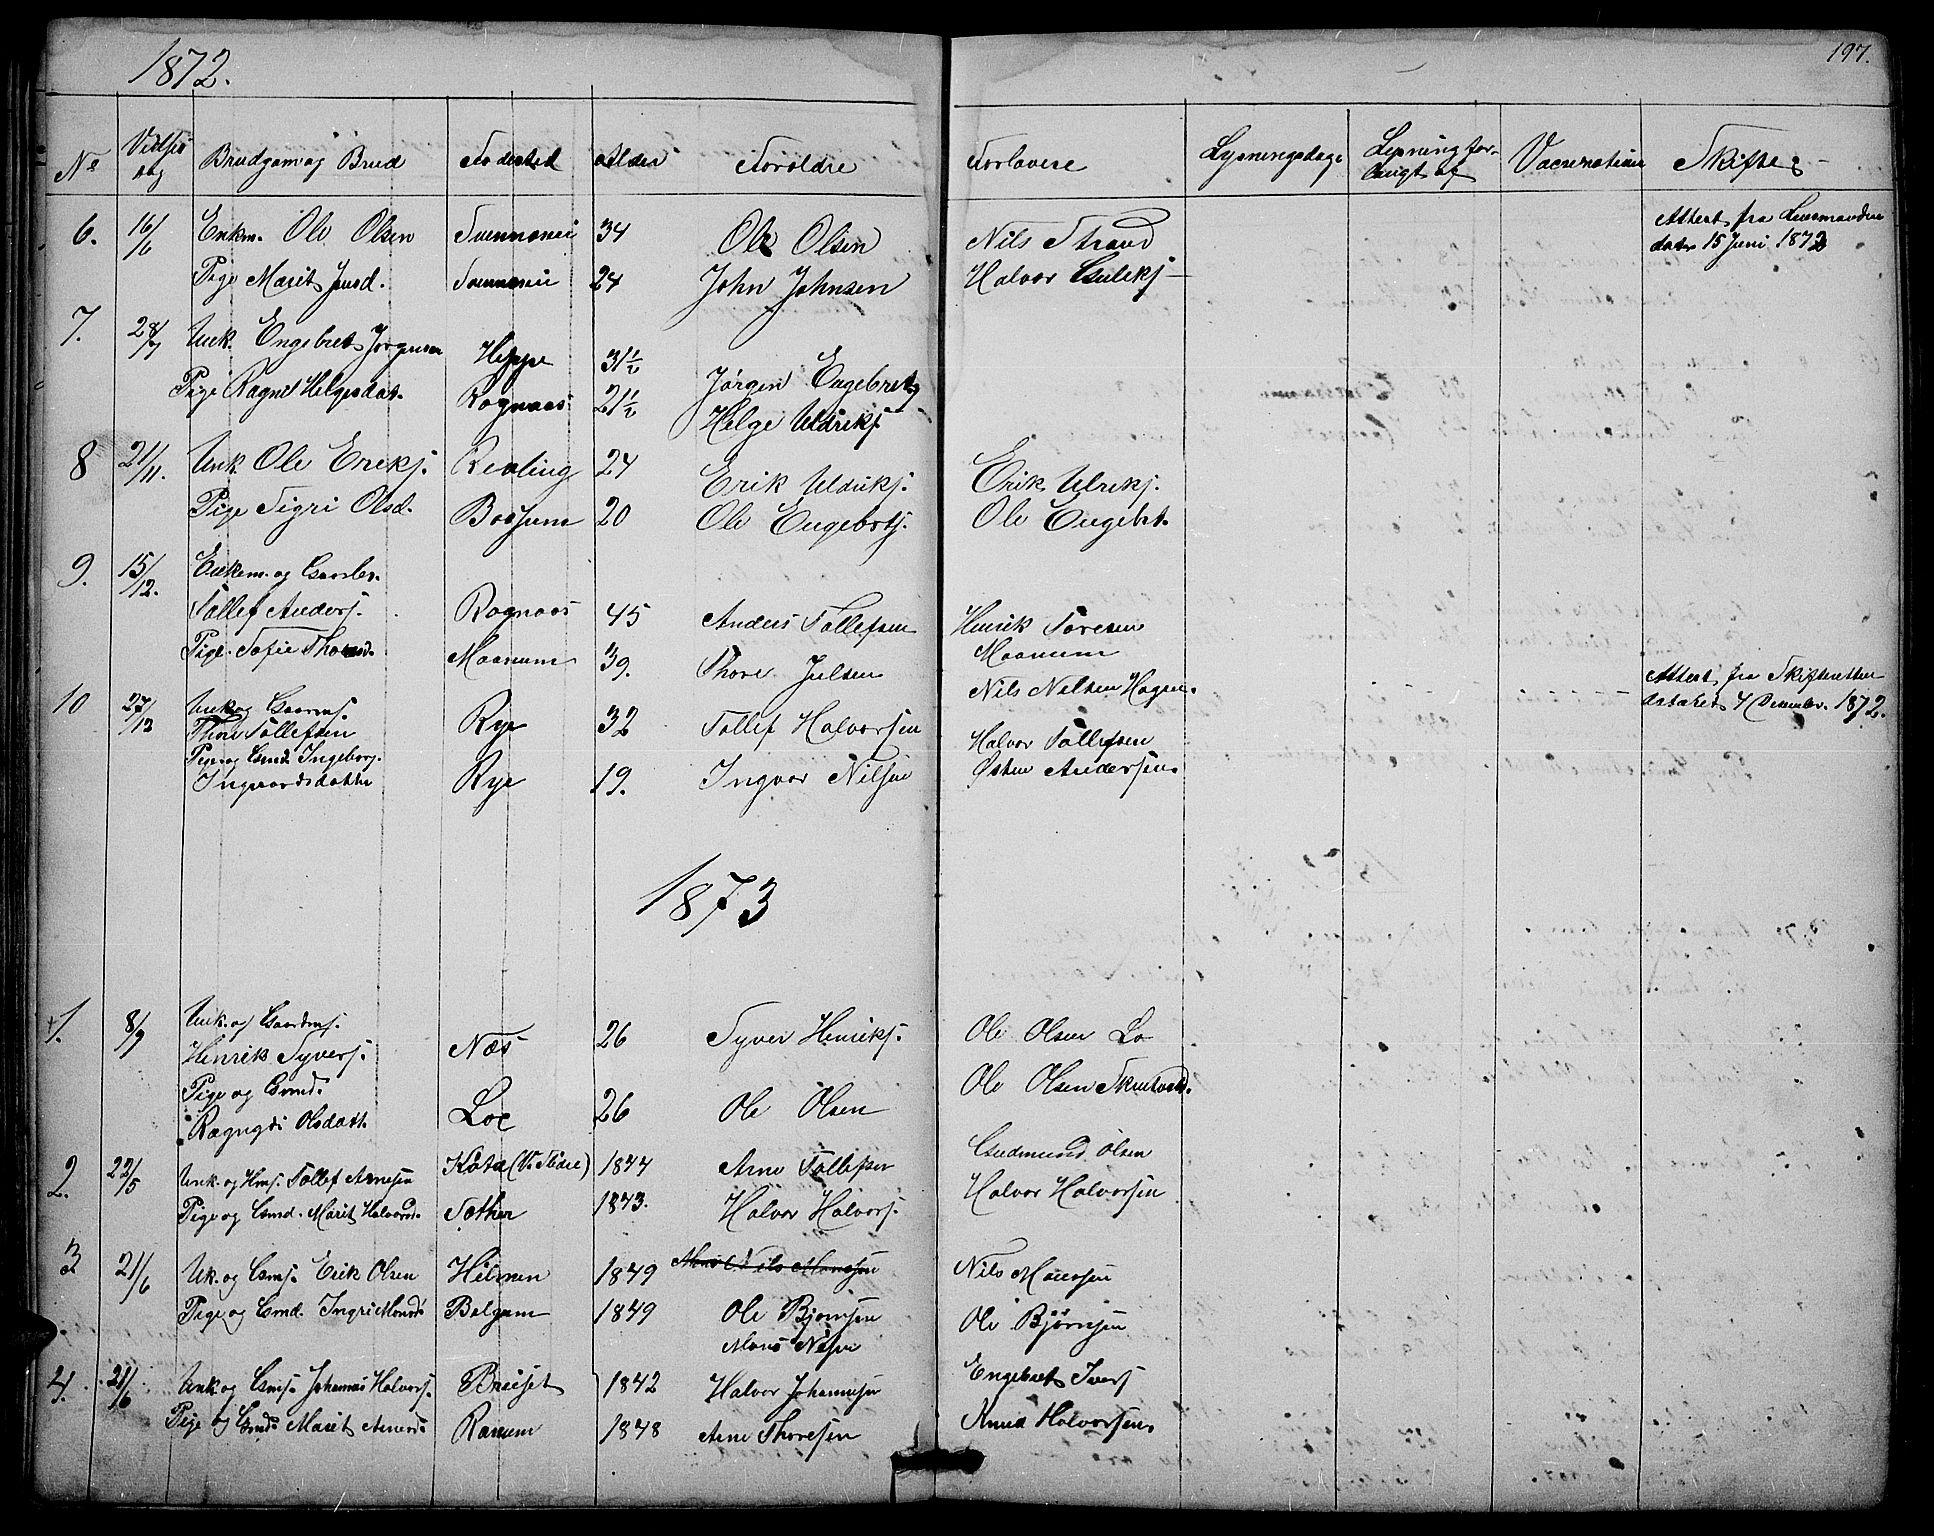 SAH, Nord-Aurdal prestekontor, Klokkerbok nr. 3, 1842-1882, s. 197